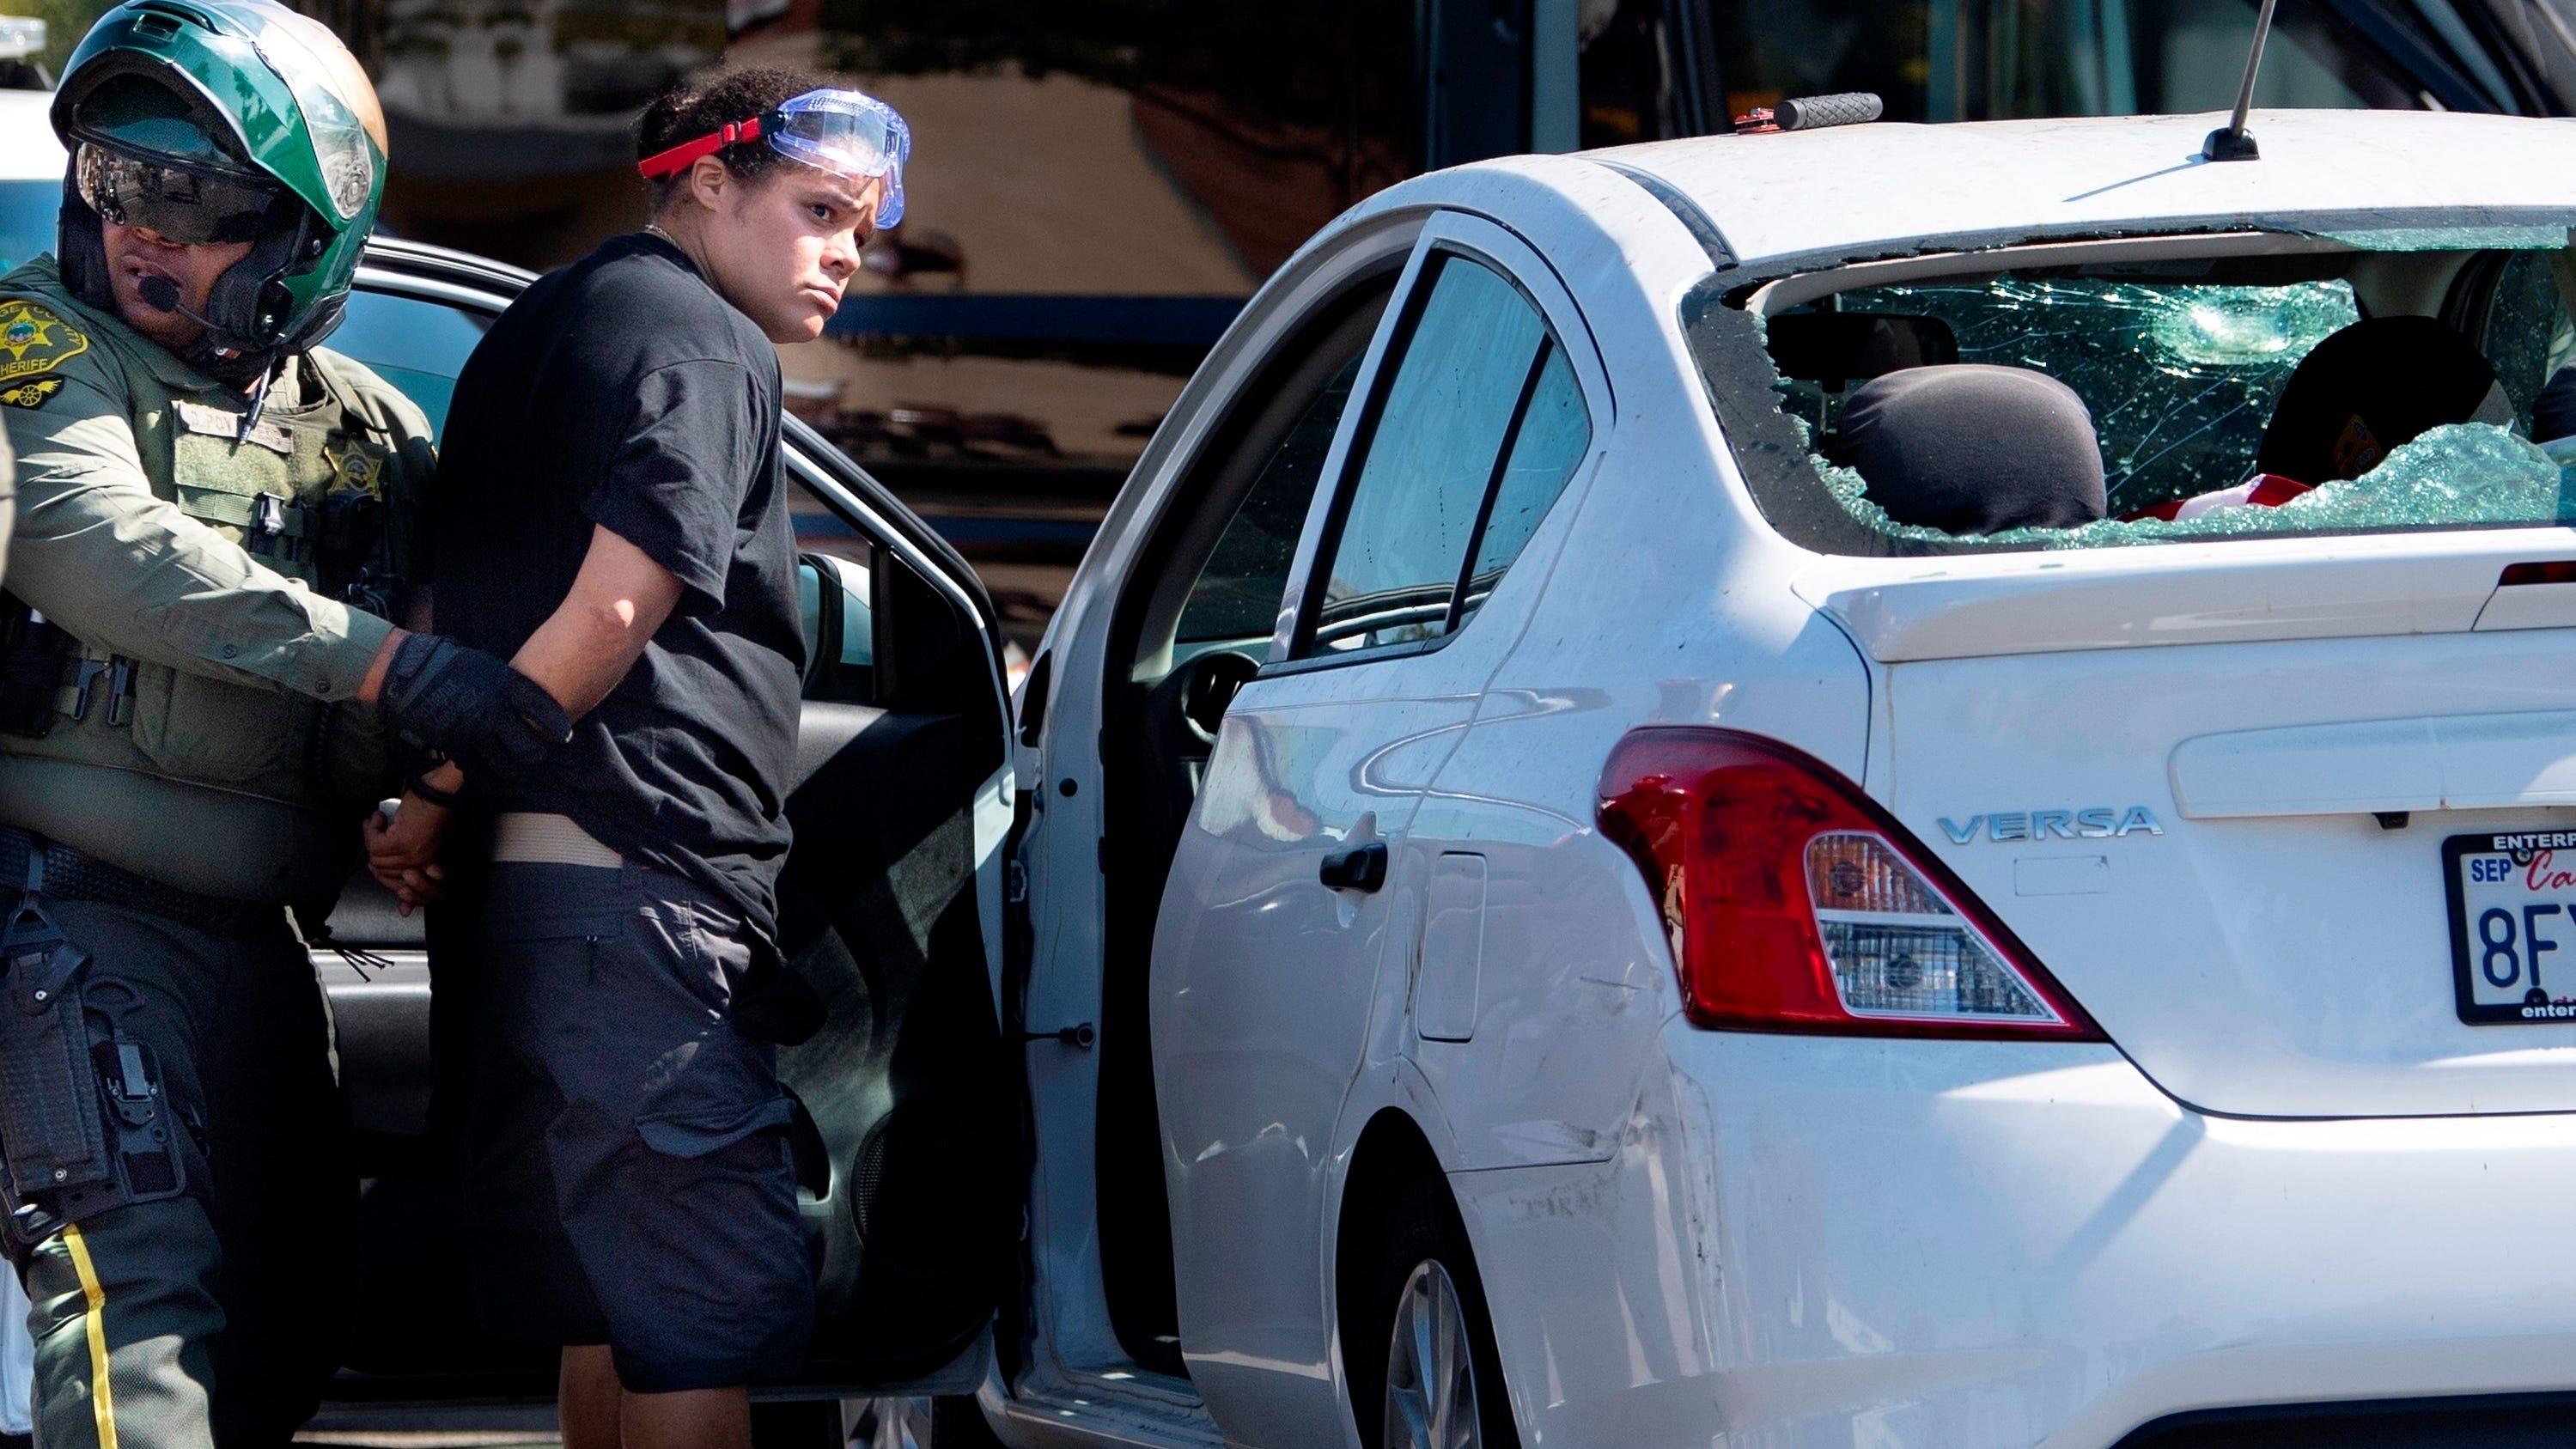 Driver tried to kill California Trump protesters